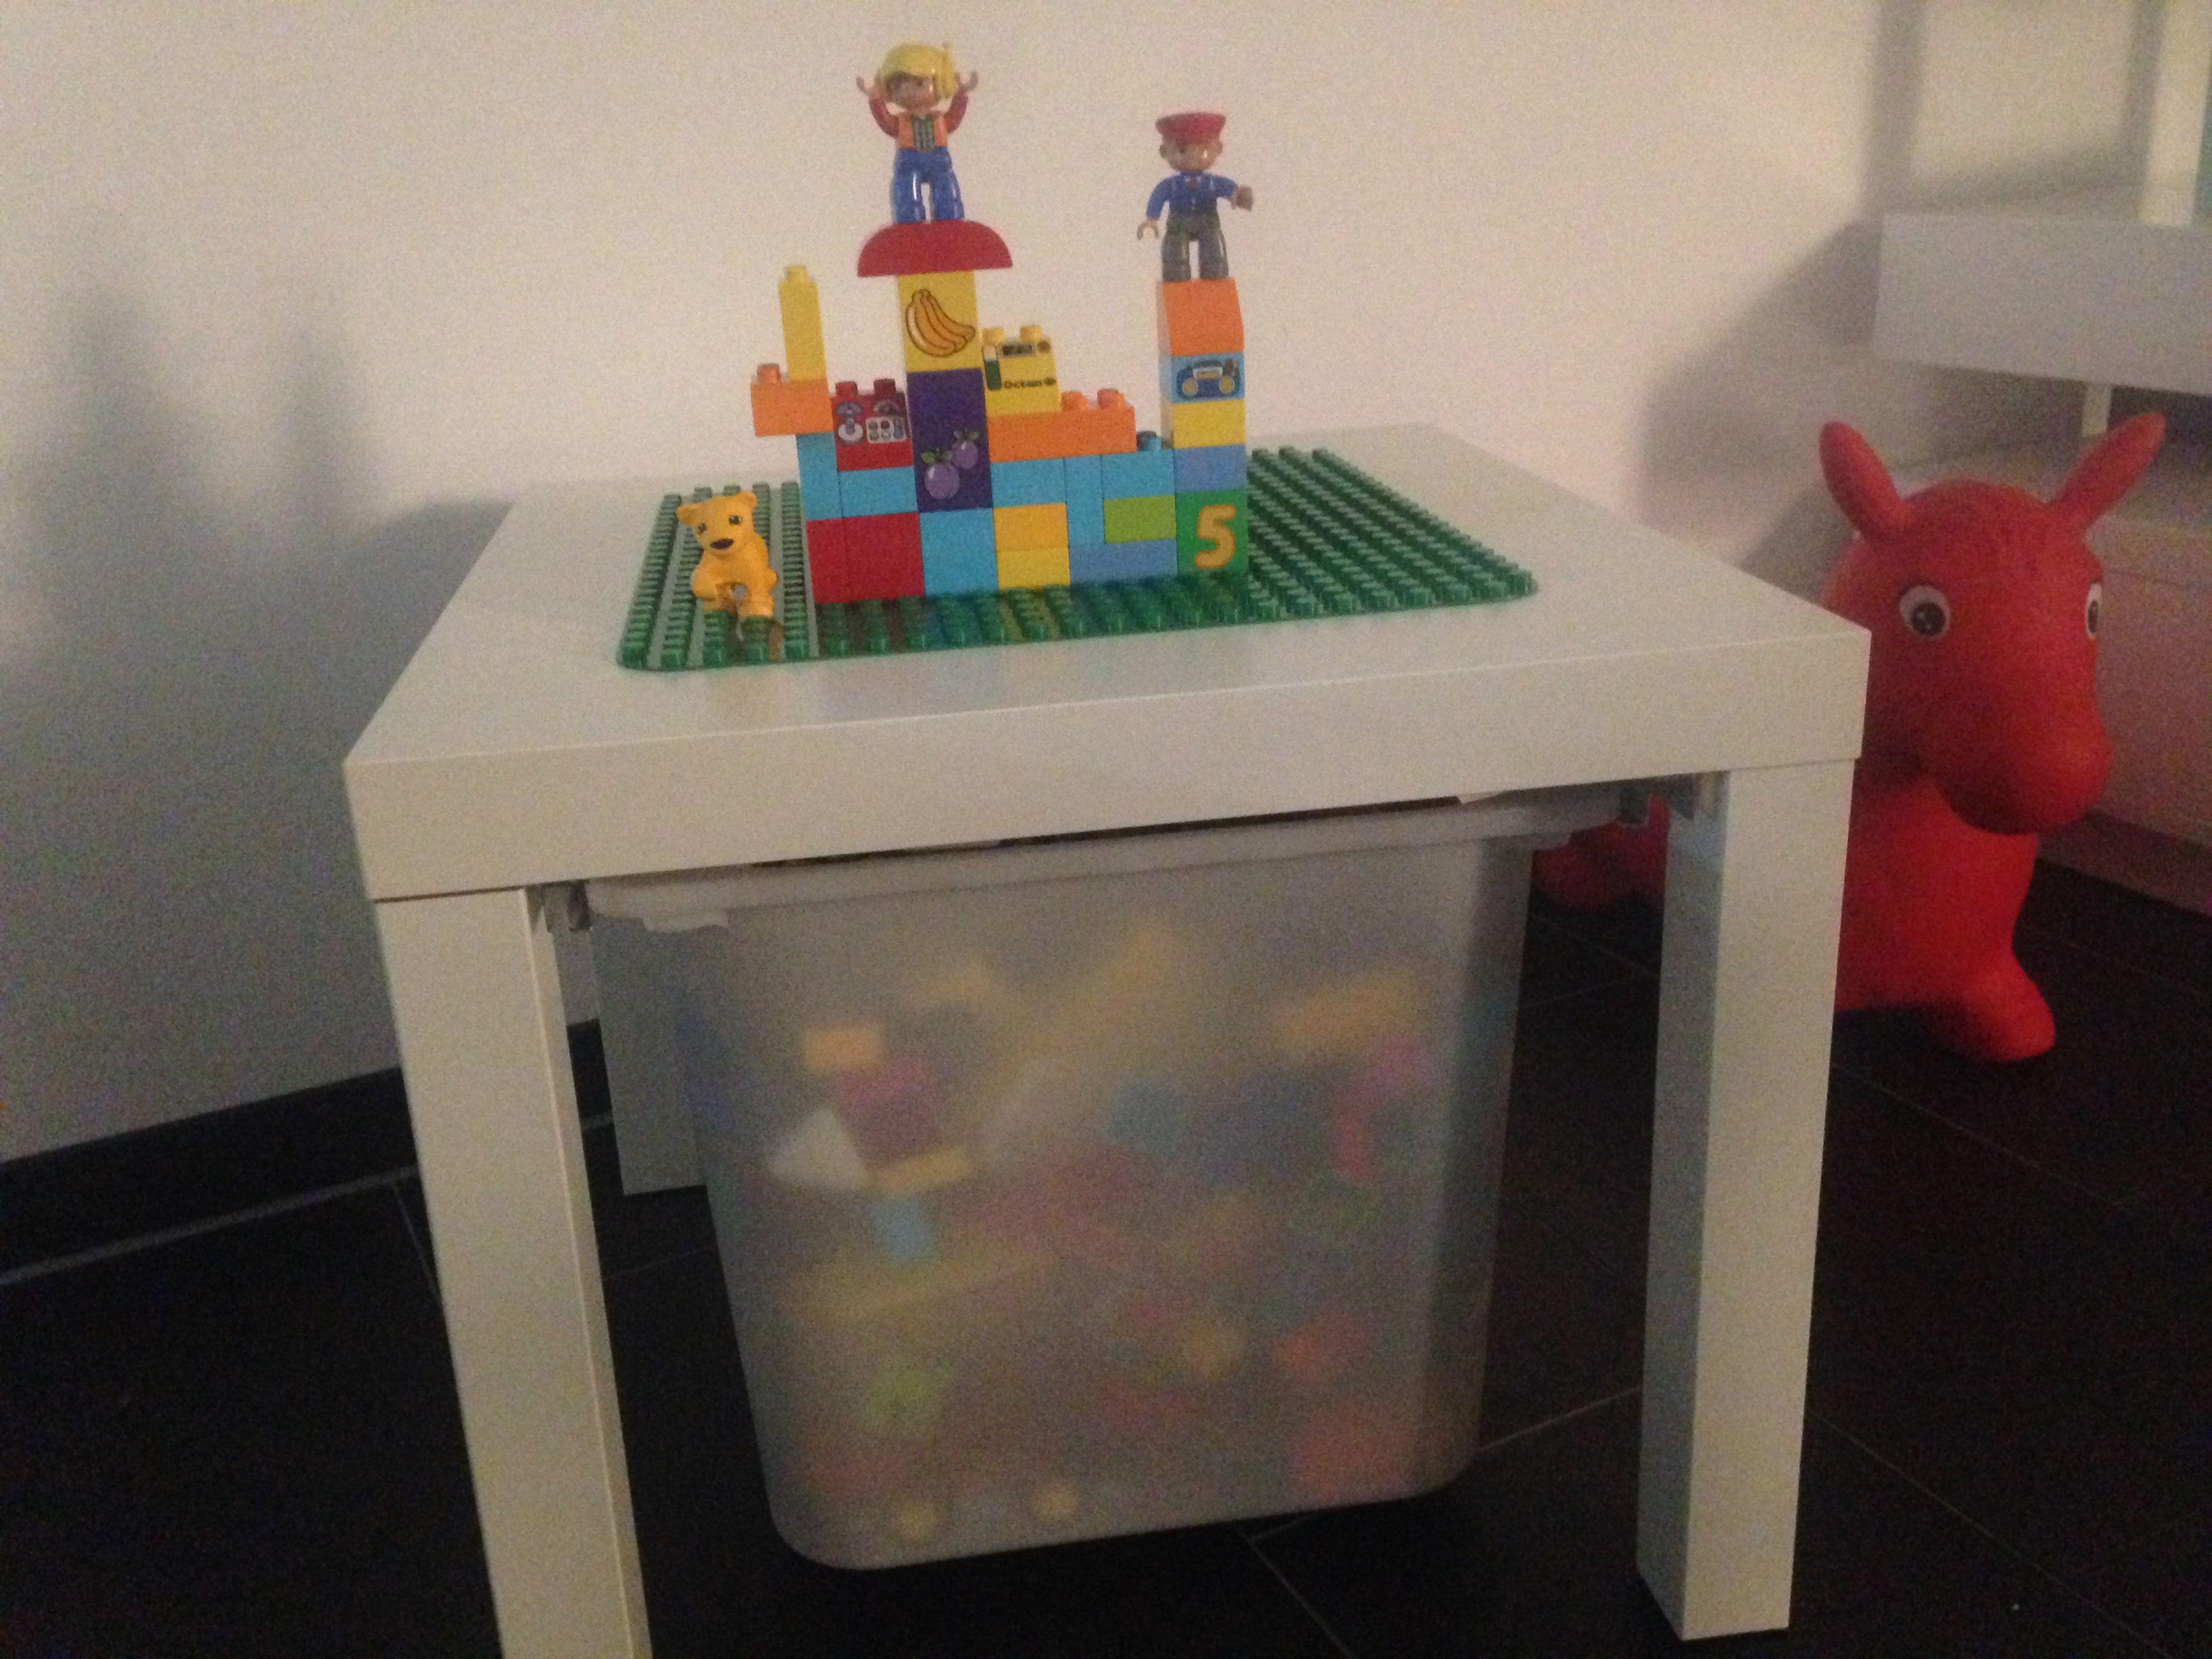 ikea hack lego tisch ich liebe es und super schnell gemacht ideen rund ums haus pinterest. Black Bedroom Furniture Sets. Home Design Ideas